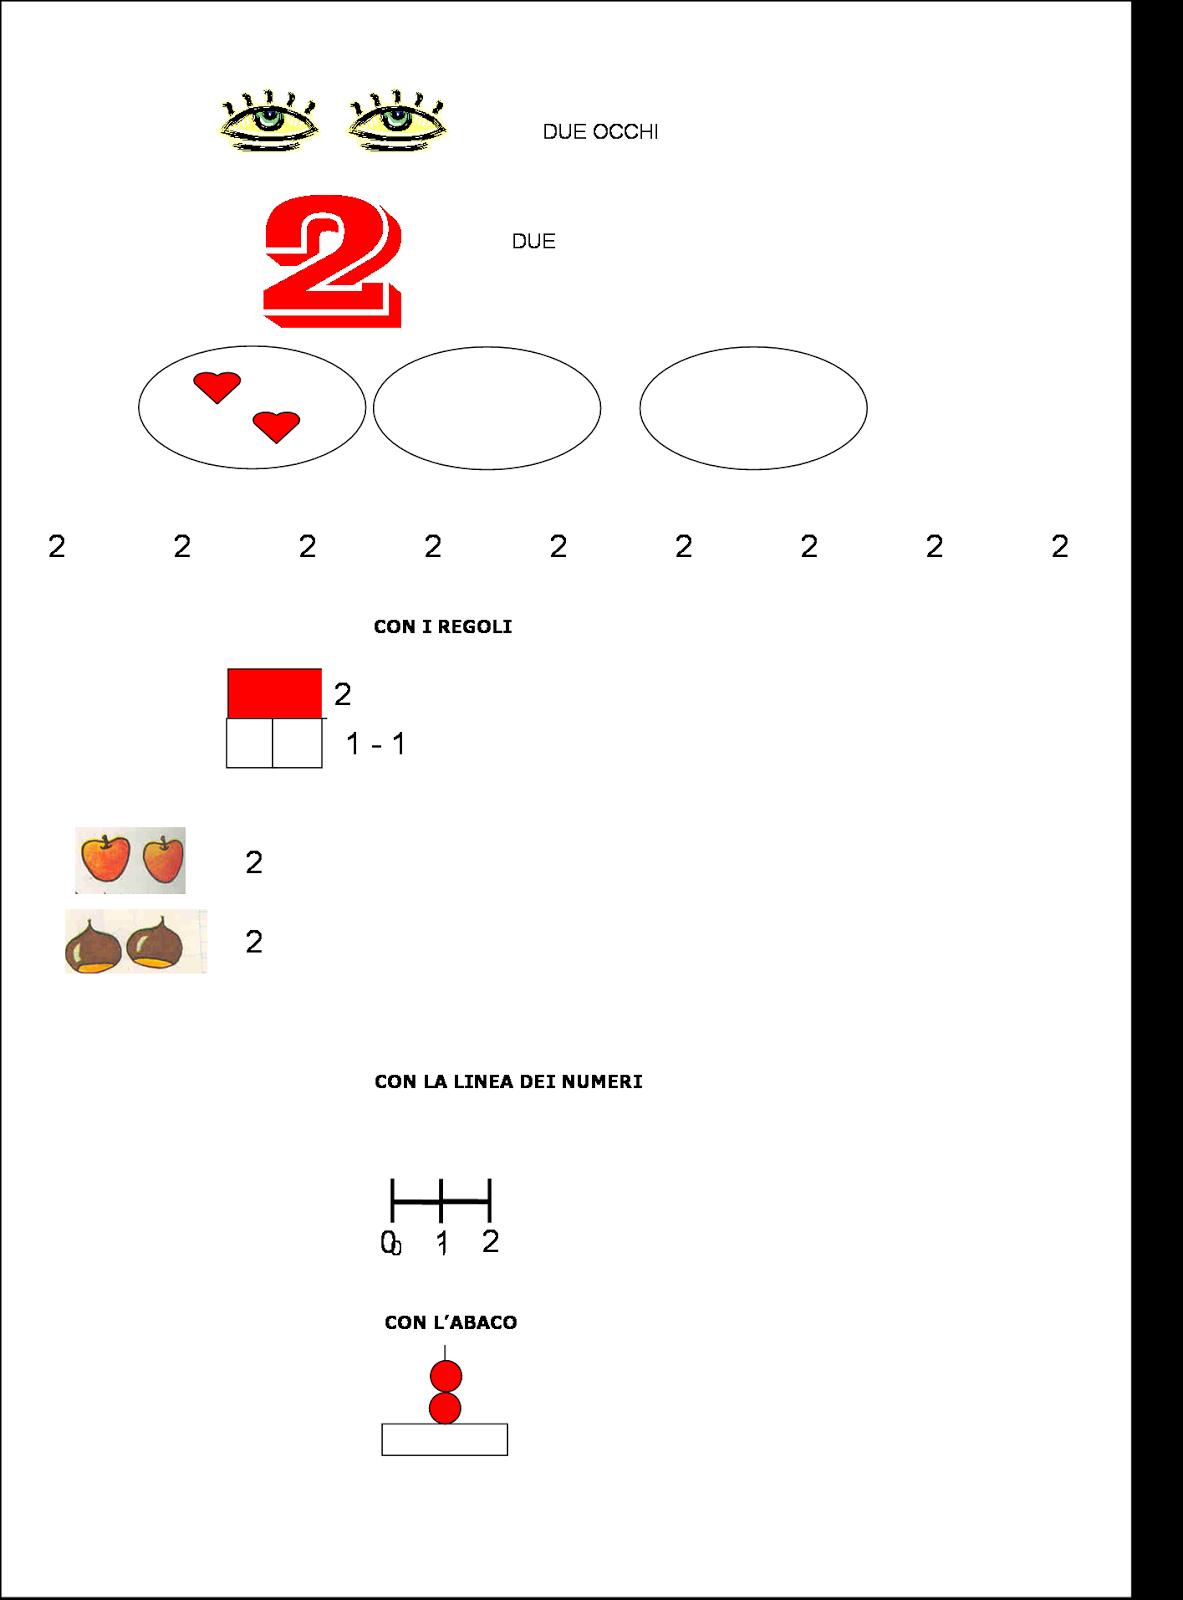 Didattica matematica scuola primaria i numeri da 0 a 9 - Parole con due significati diversi ...